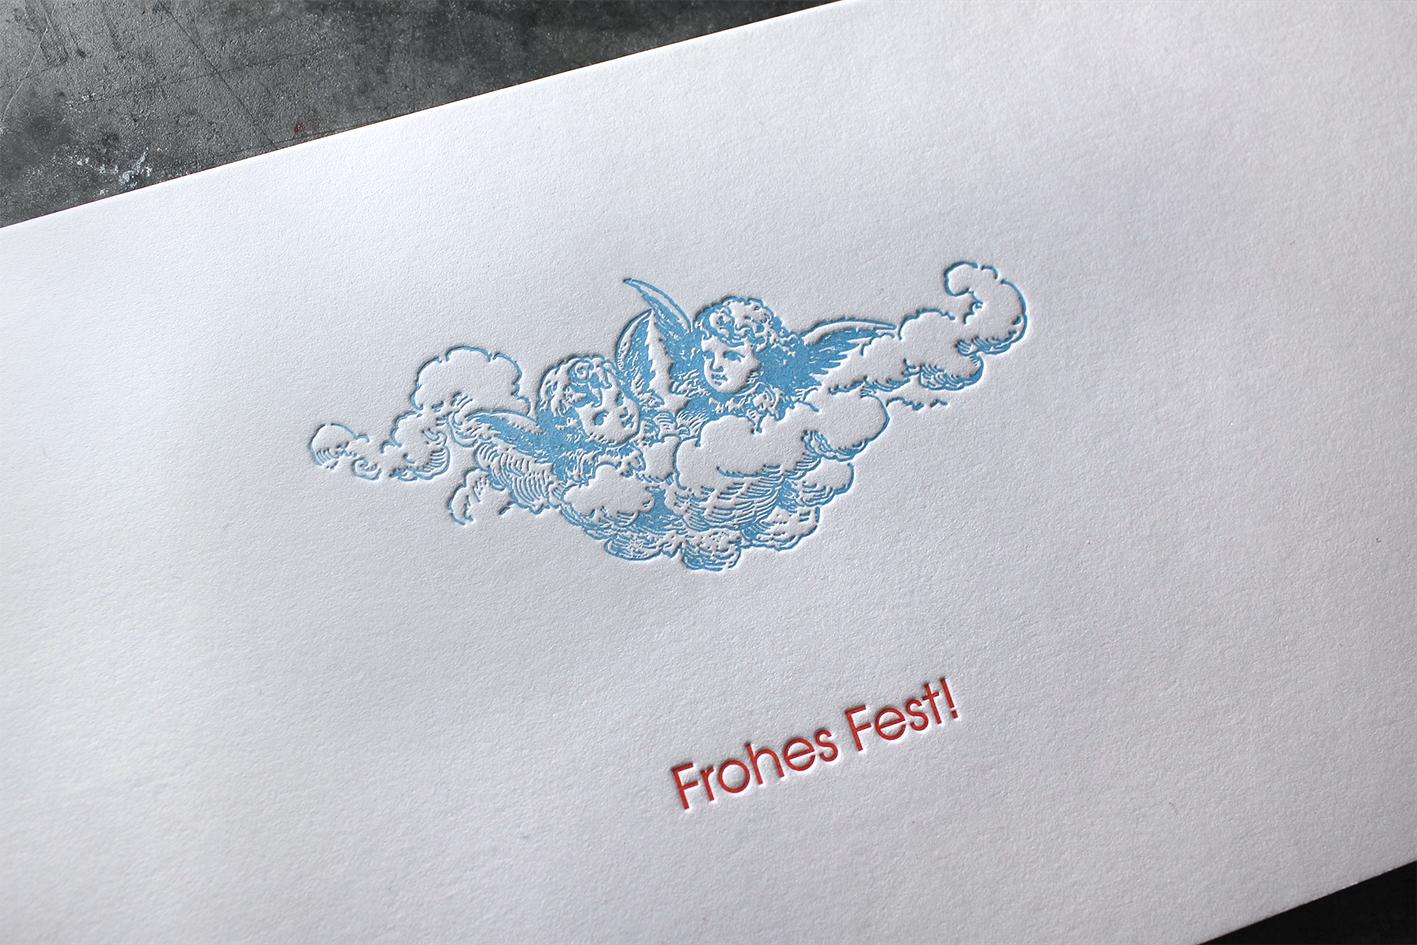 Weihnachten Baumwollpapier Buchdruck Letterpress Wien Heidelberger Tiegel Frohes Fest